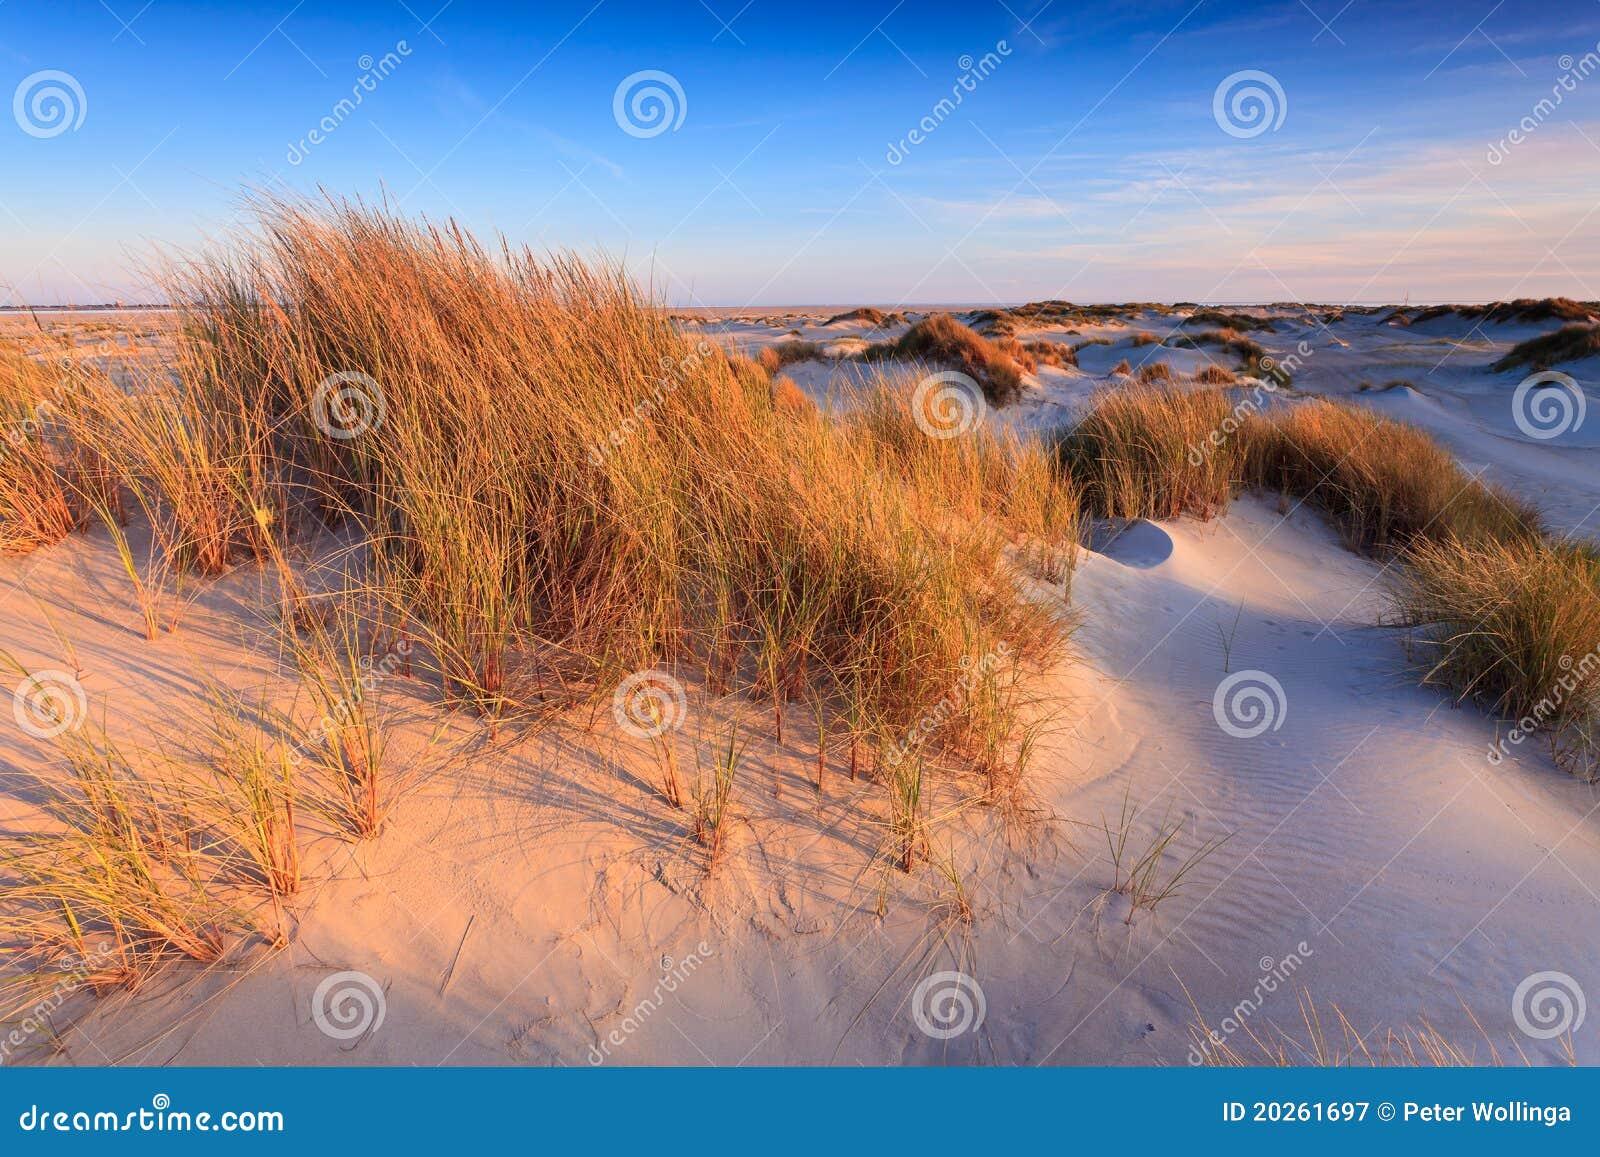 Dunas de arena con la hierba del casco